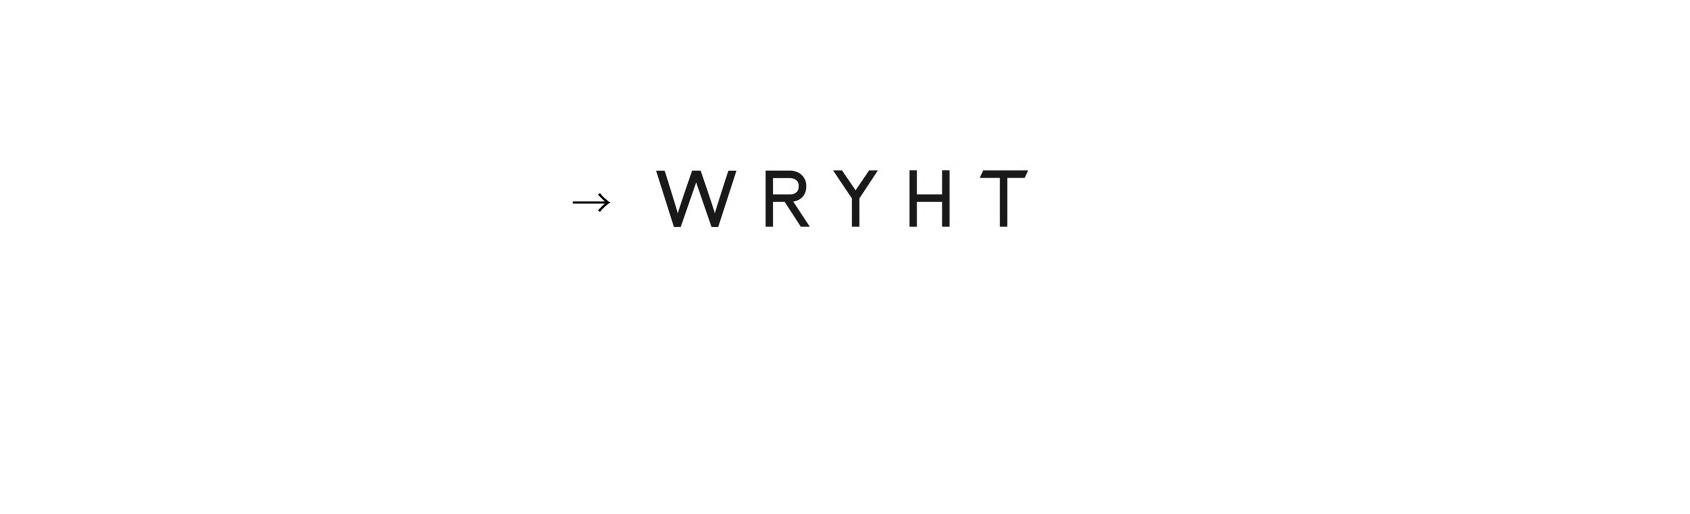 WRYHT